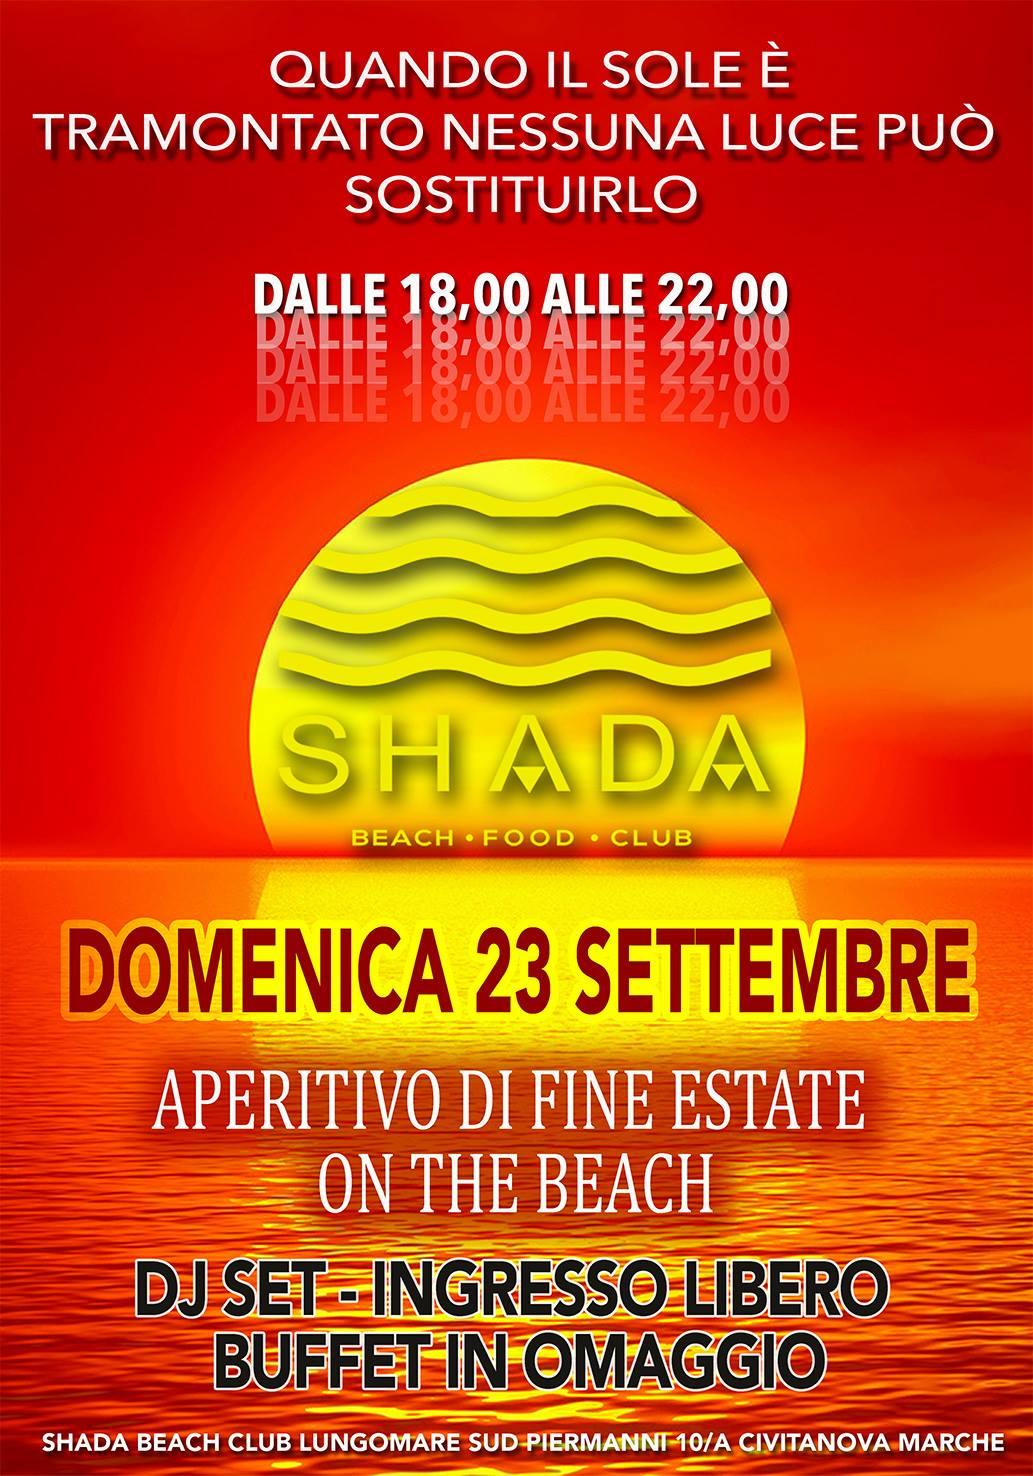 Aperitivo Di Fine Estate Shada Beach Club Civitanova Marche